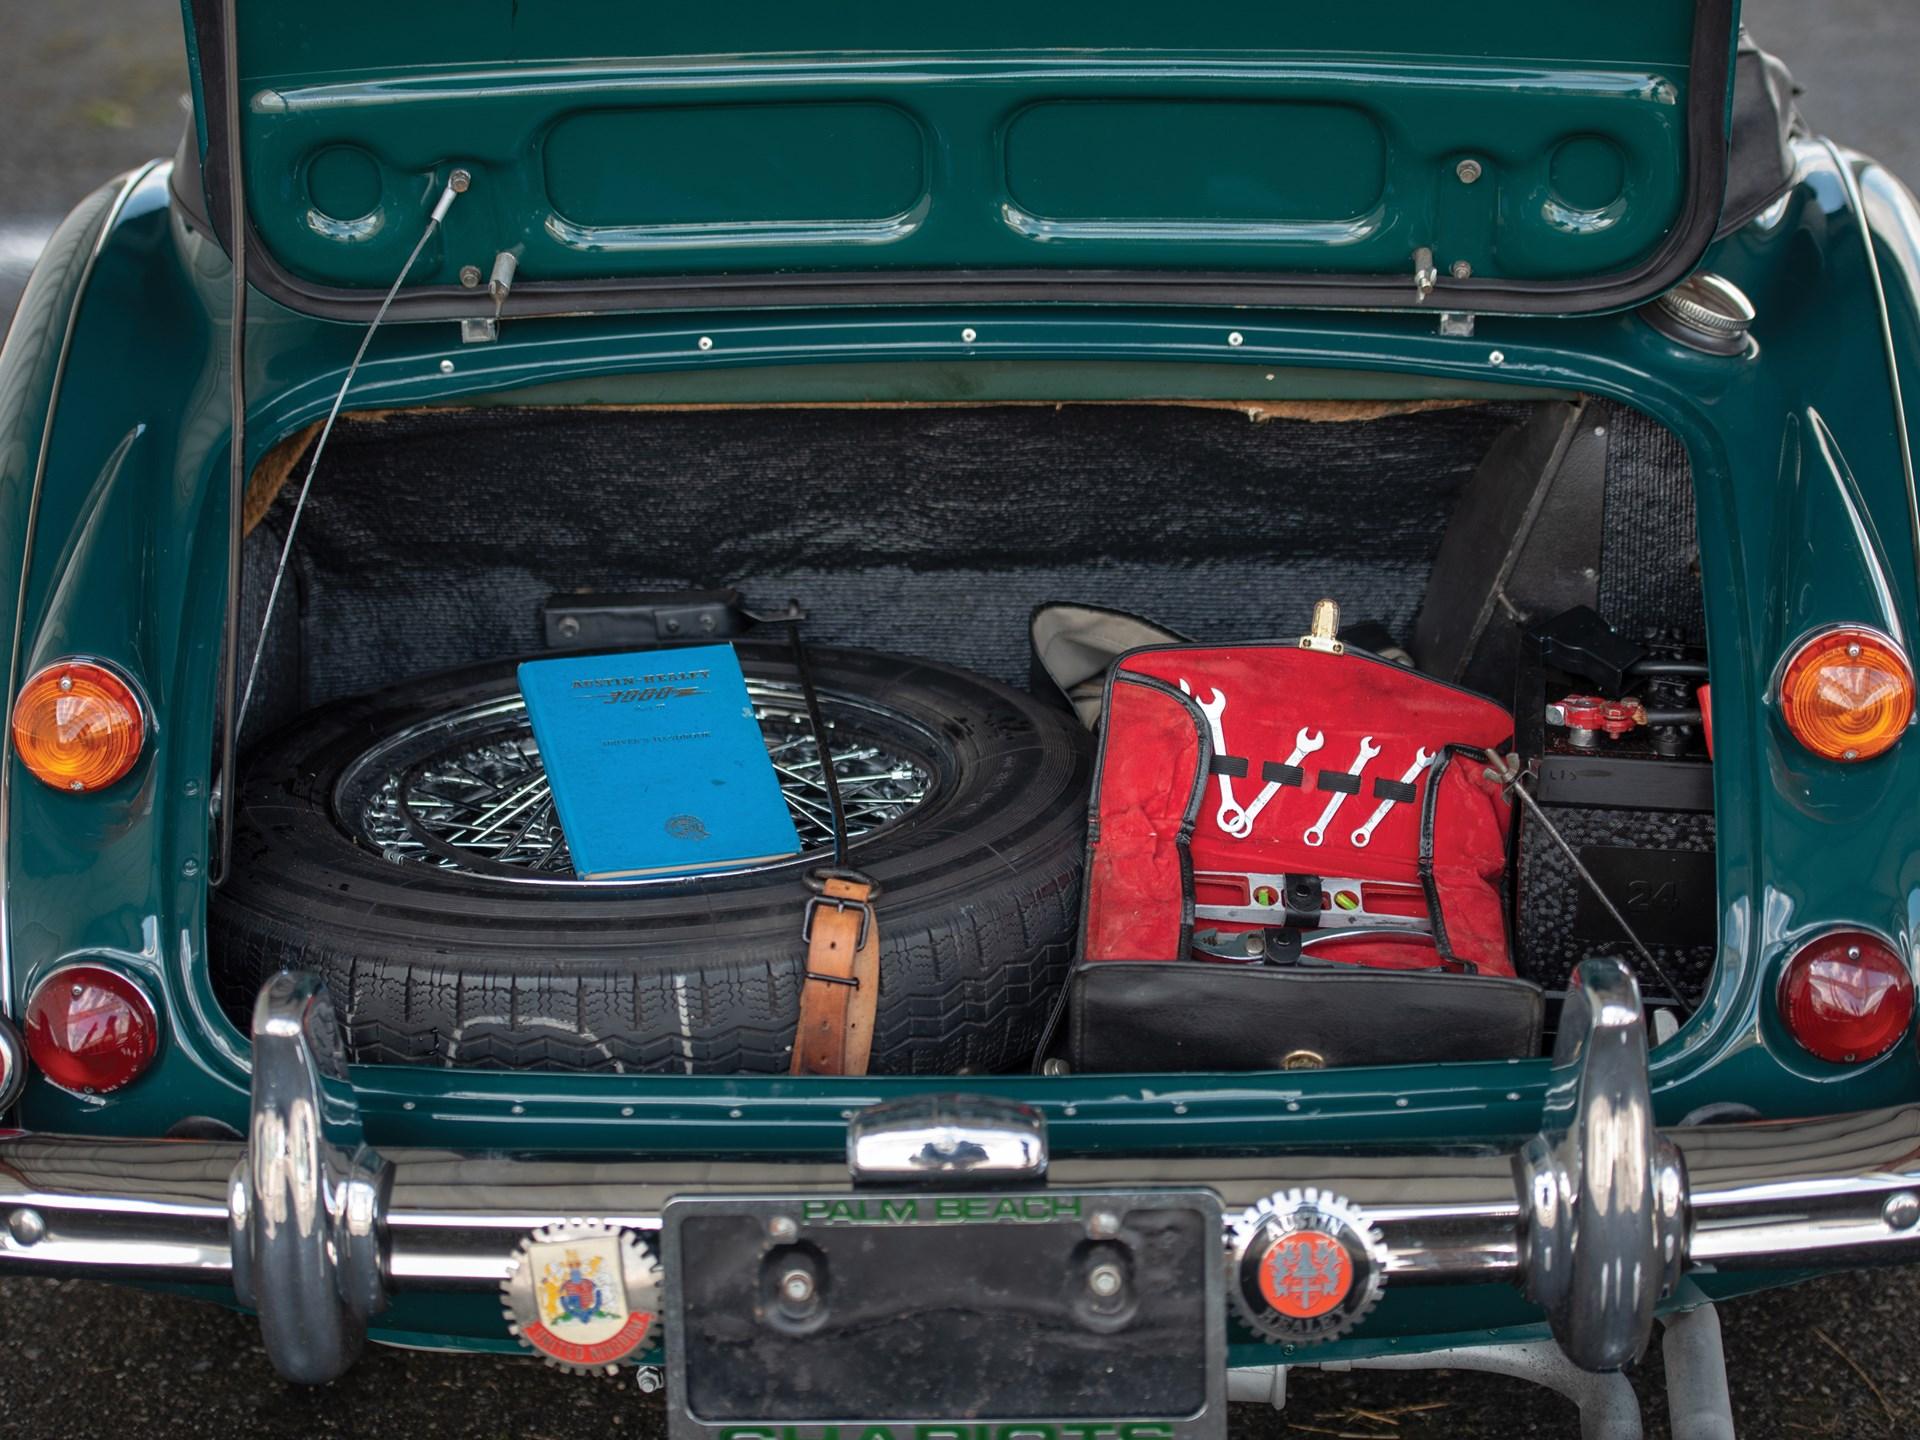 1967 Austin-Healey 3000 Mk III BJ8